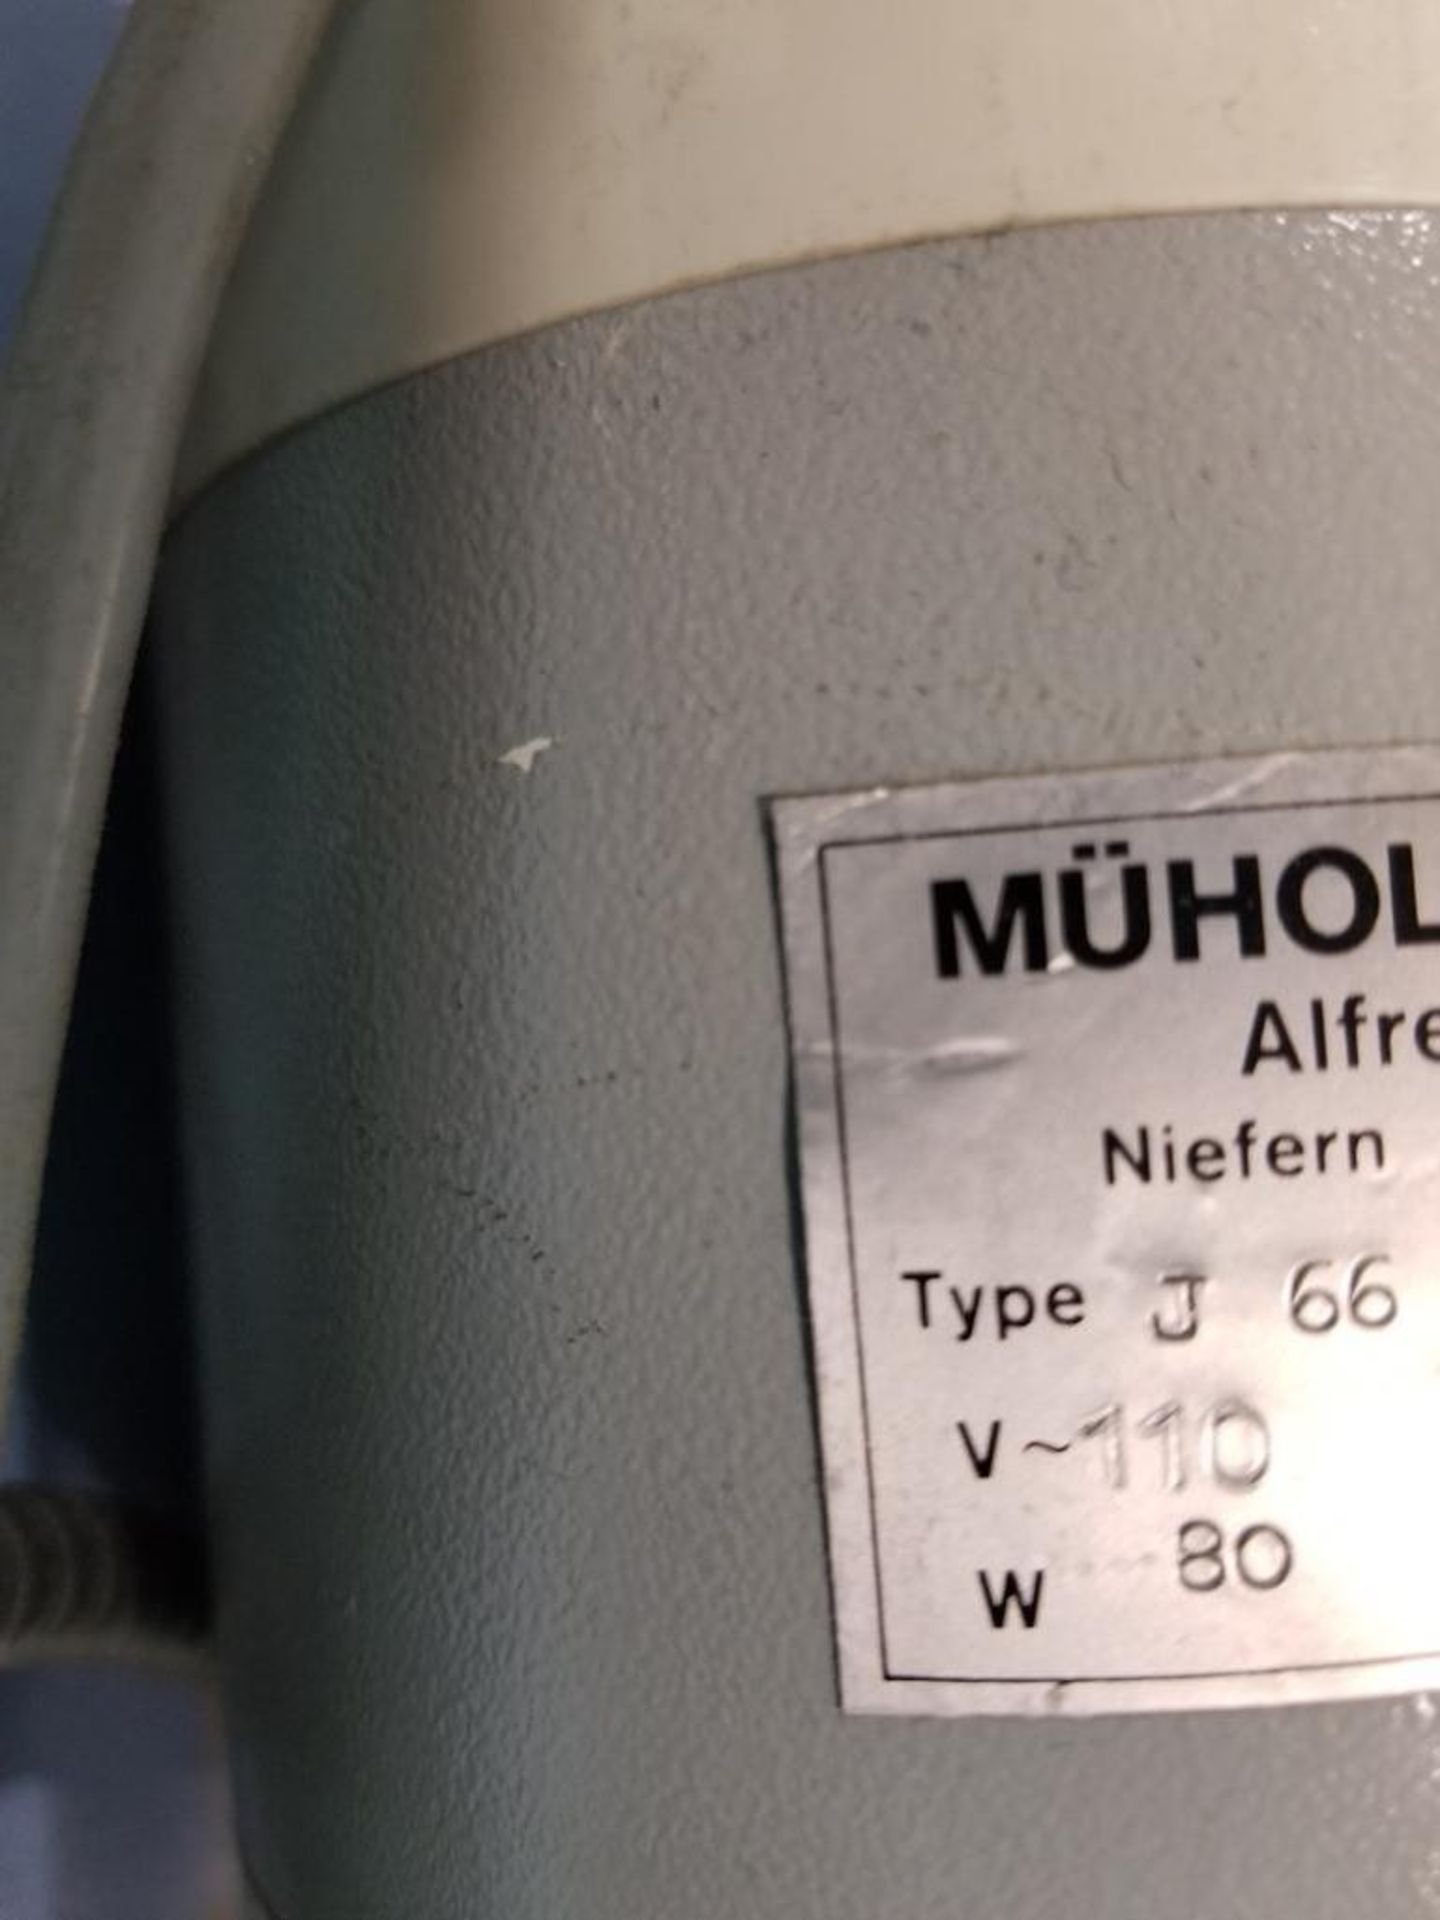 Lot 75 - Muholos-Werk Type J66 electric scissors/shear.